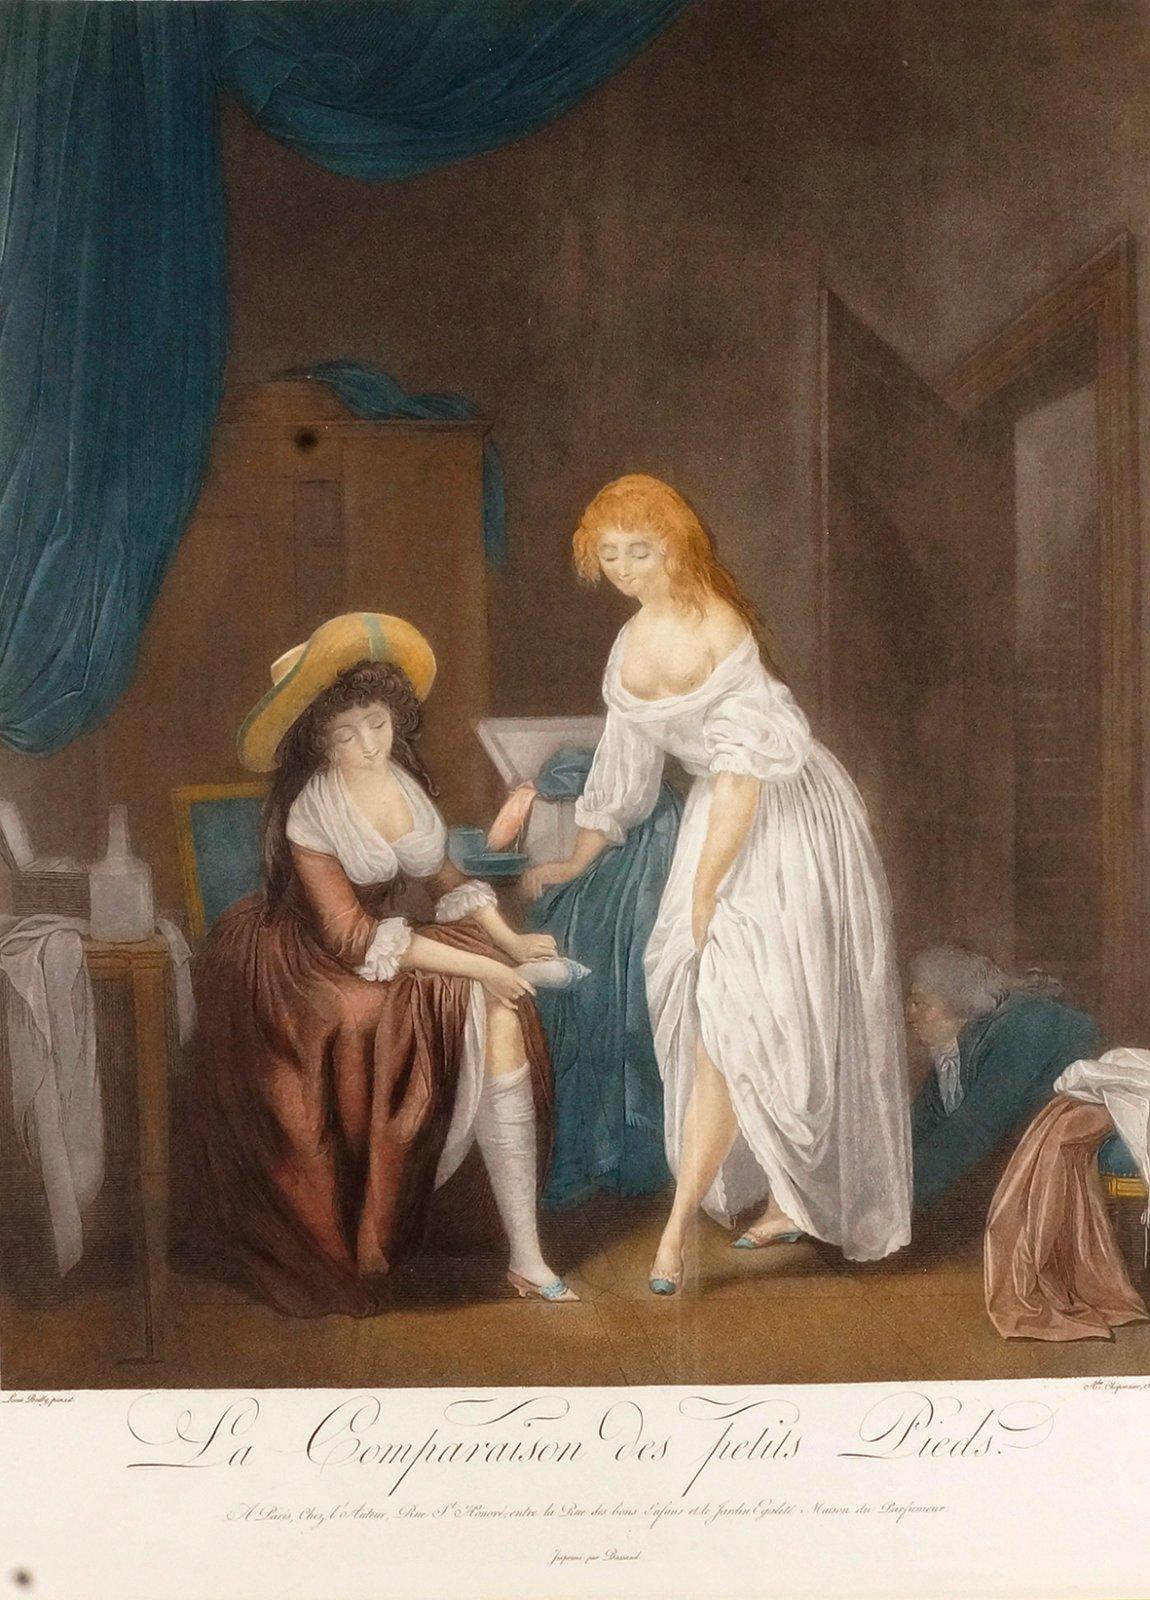 Boilly 1791 C1 La Comparaison des petits pieds gravure de Chaponnier